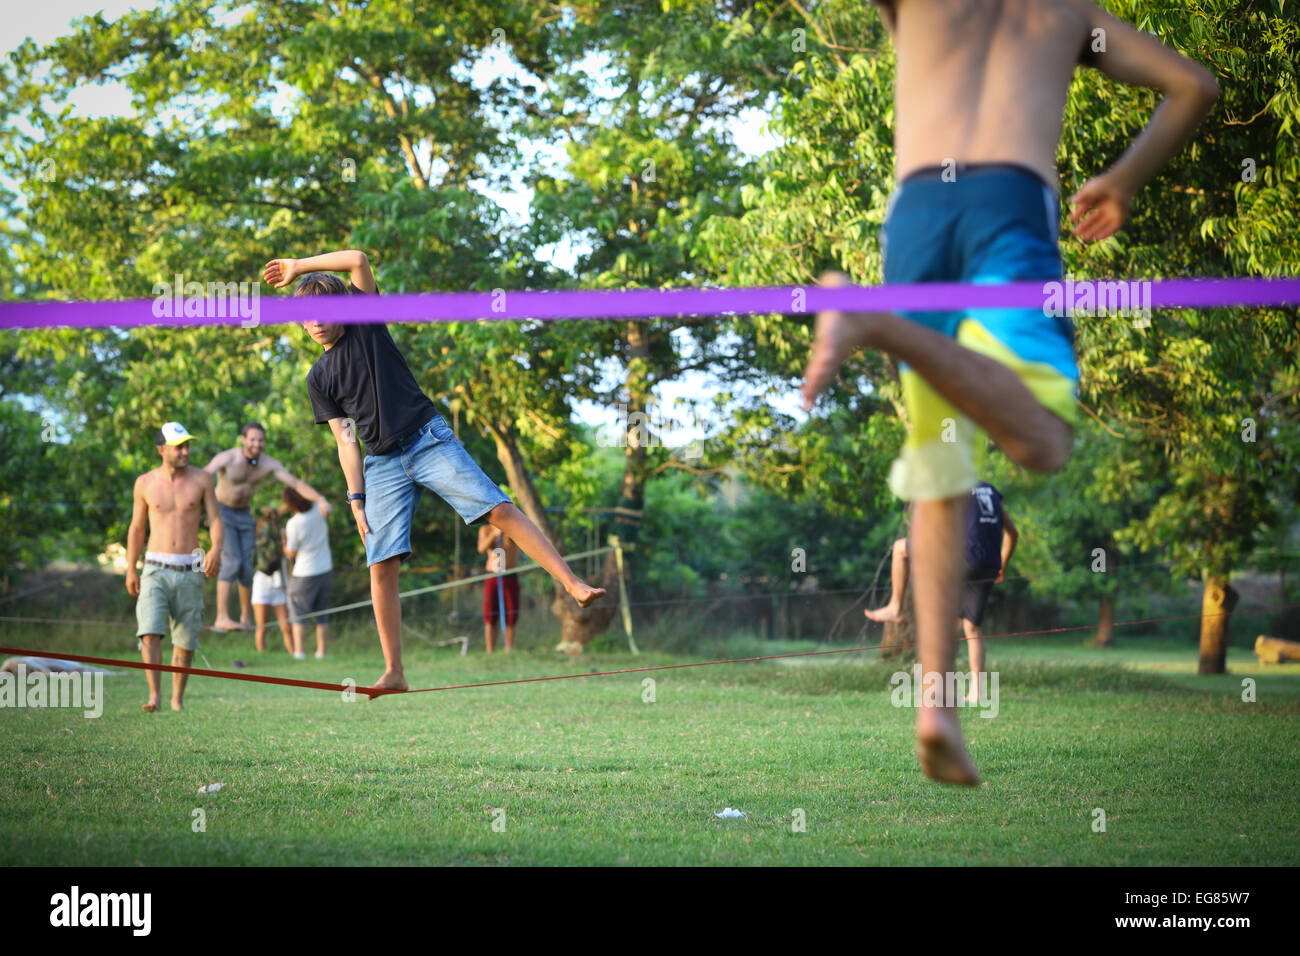 Slack rope training - Stock Image